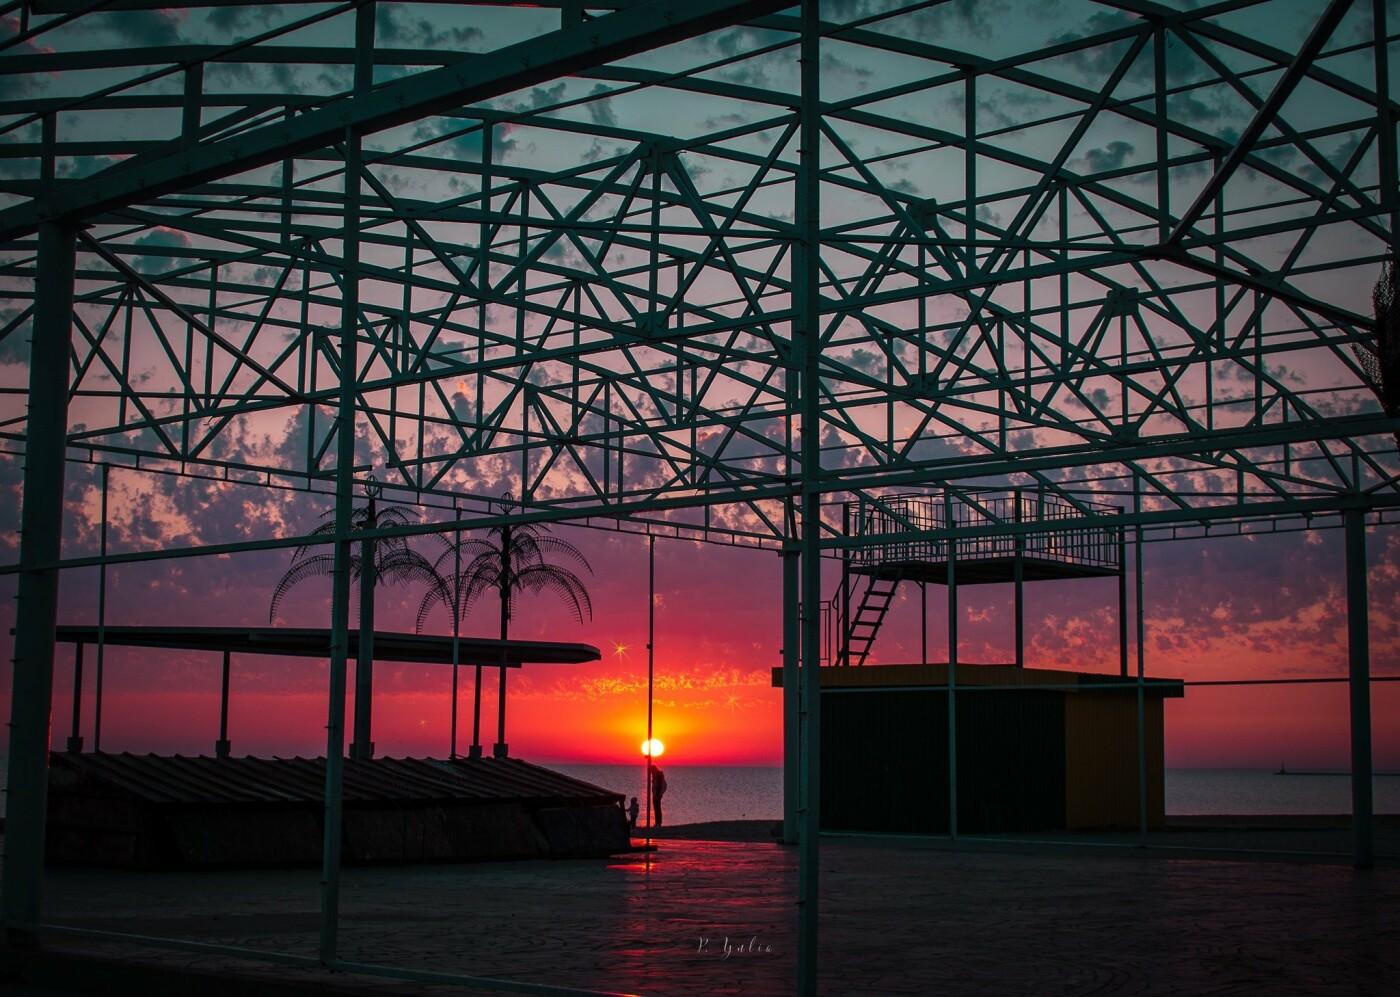 Мудрость от 06153: где красивые закаты, там лучший отдых - ВИДЕО, ФОТО, фото-5, Юлия Покас